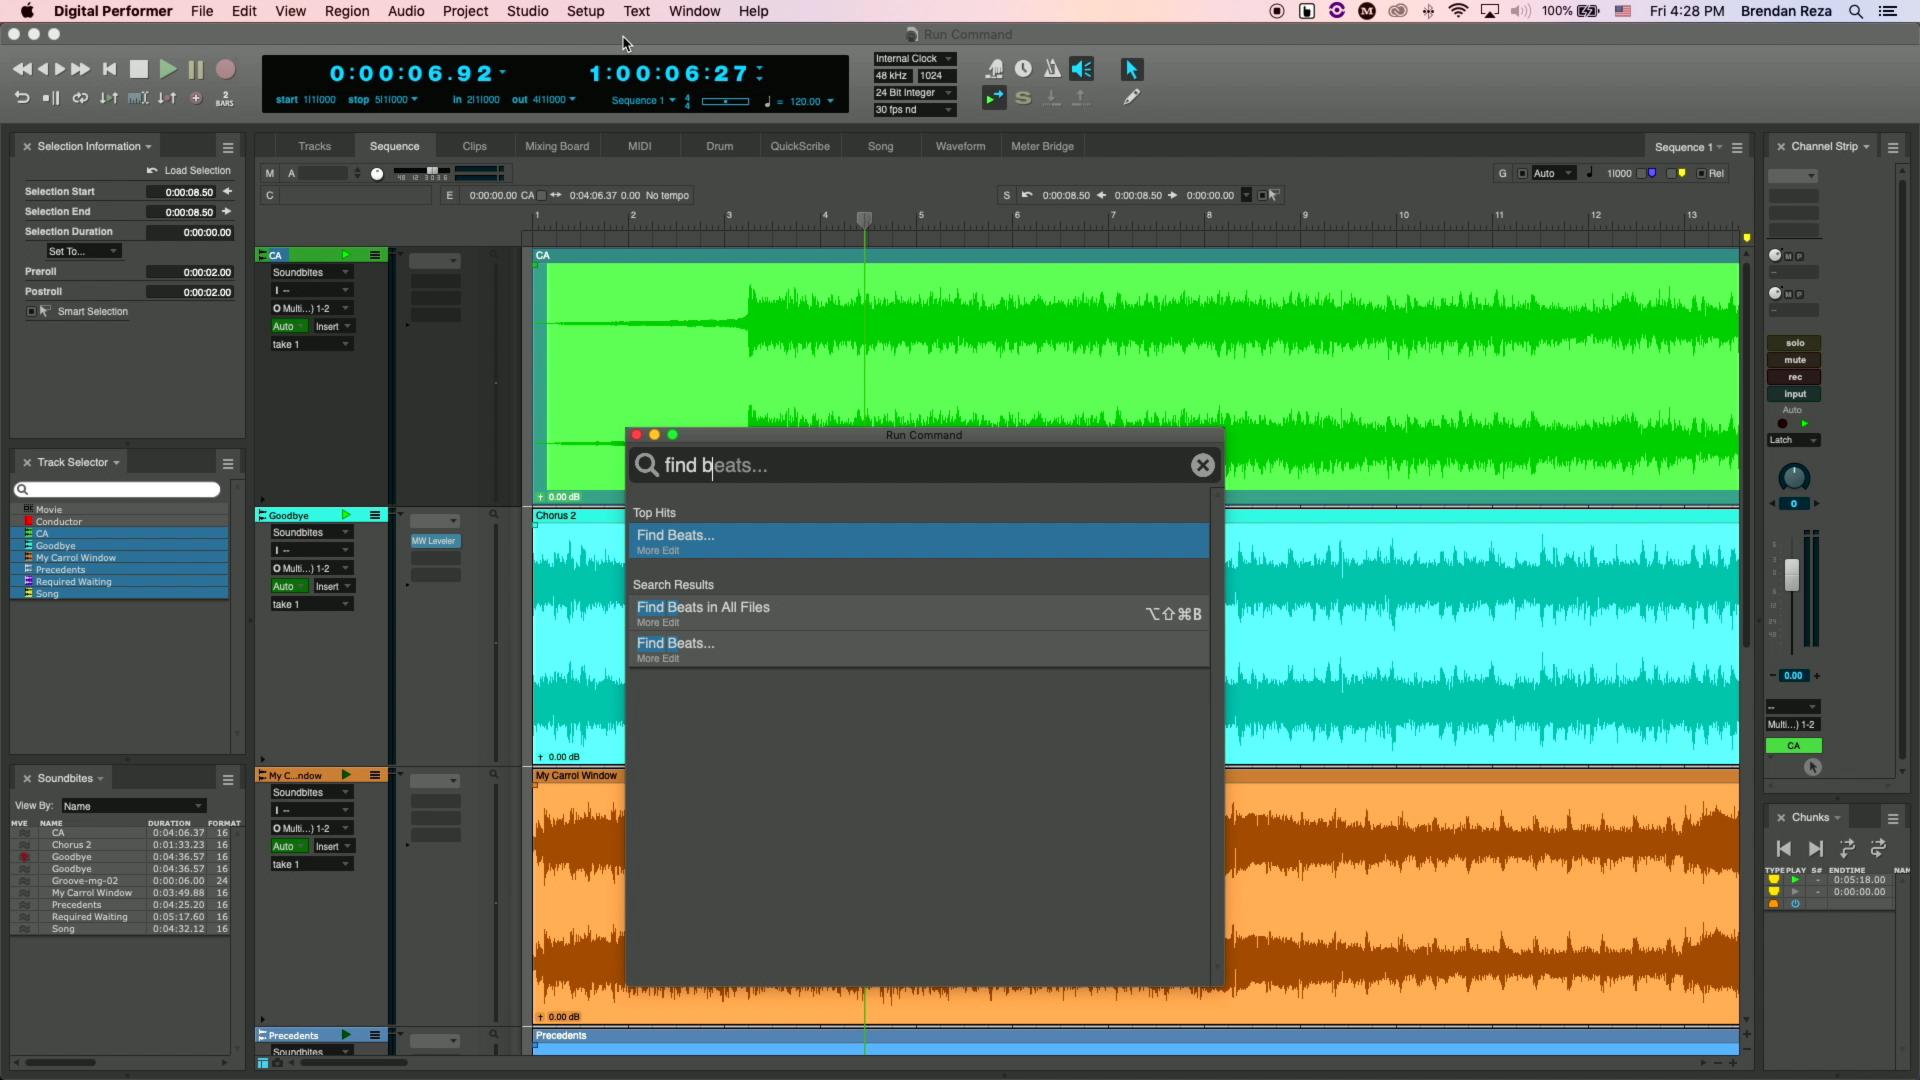 apple-logic-studio-9.1-8-keygen-download-free